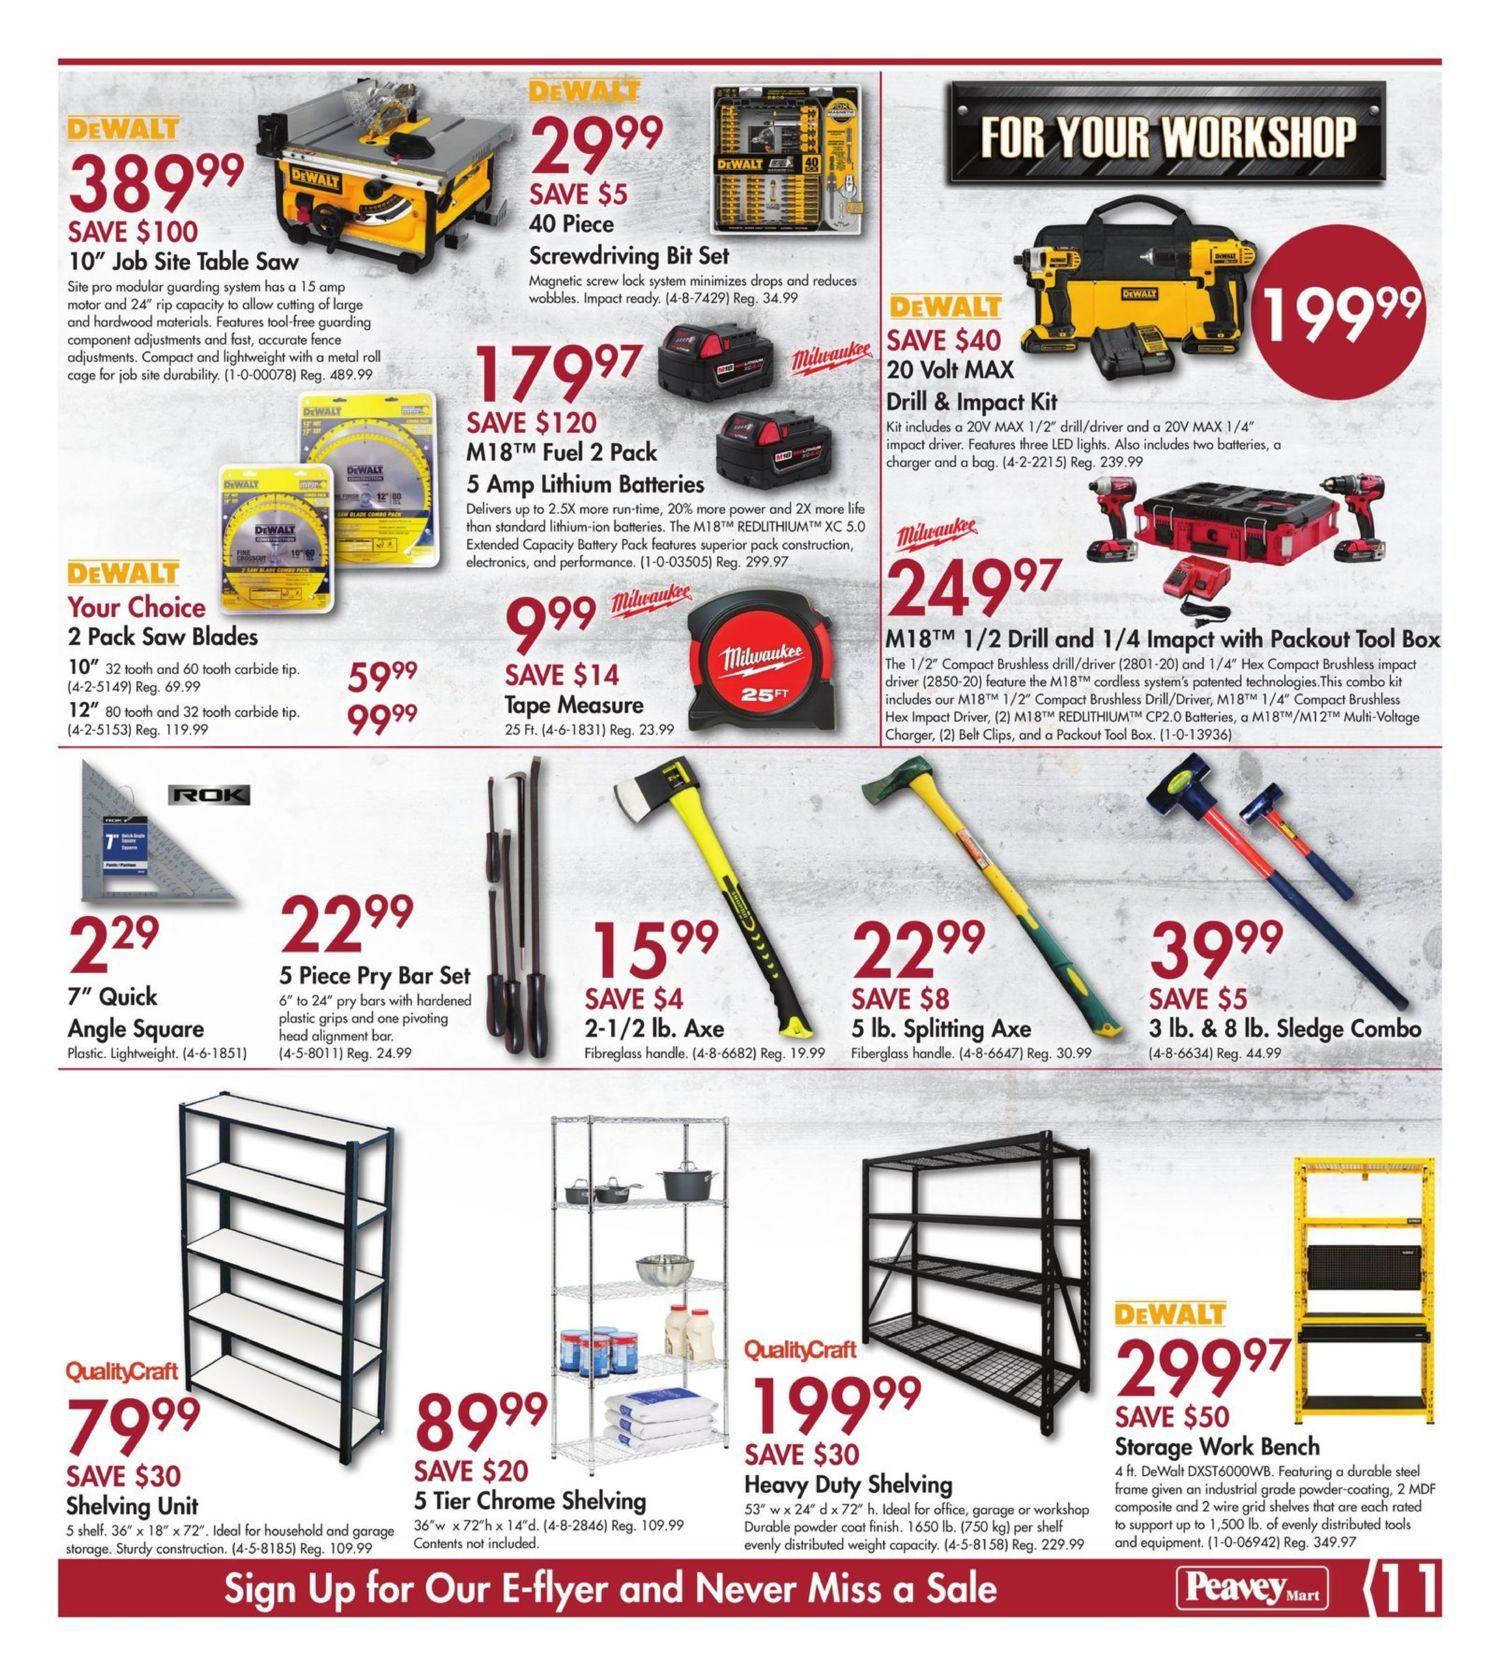 PeaveyMart Weekly Flyer - Lawn & Garden Sale - May 10 – 16